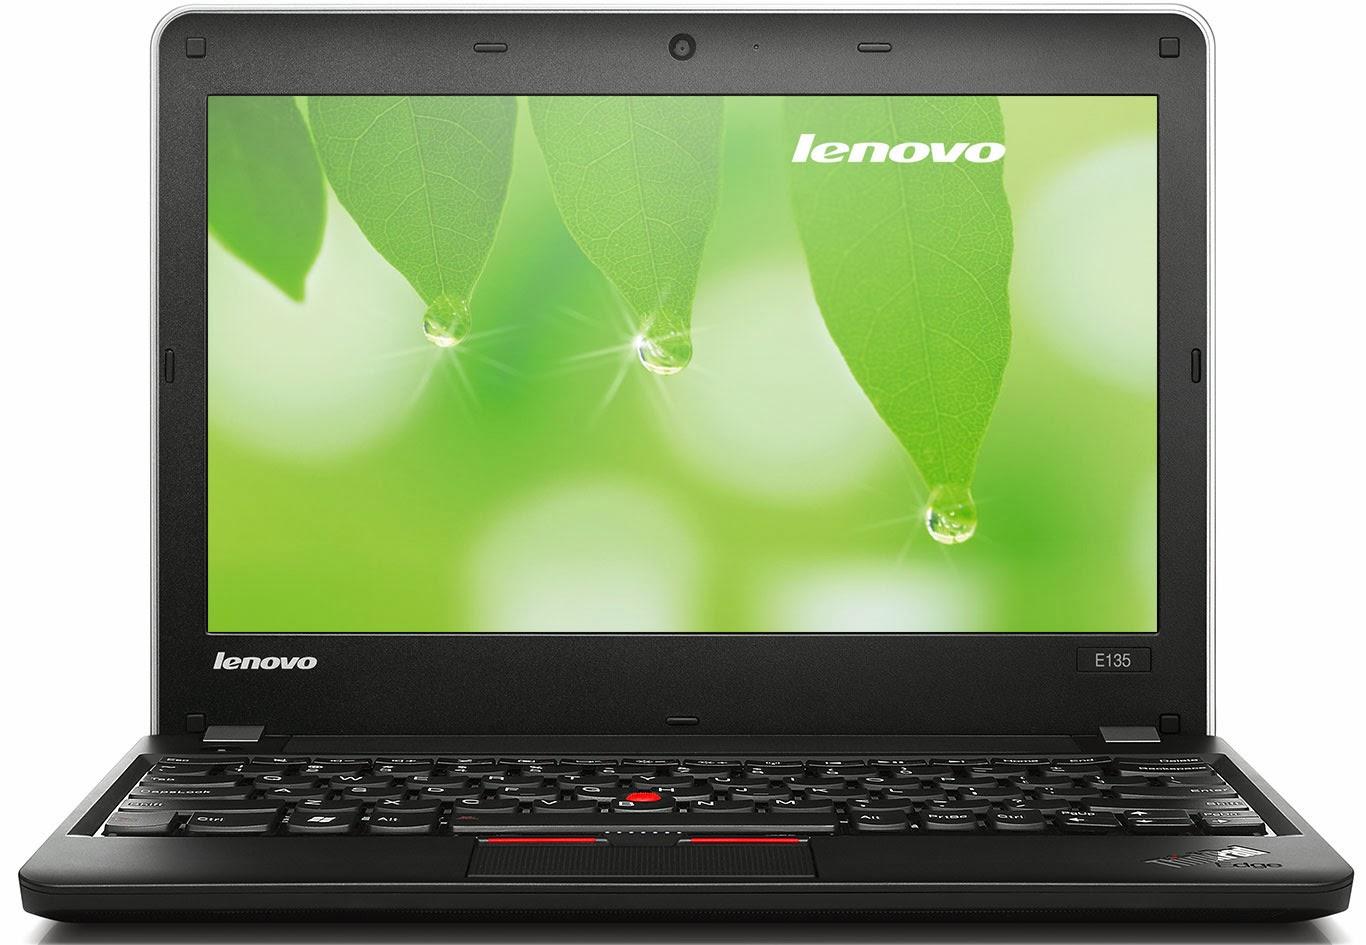 lenovo lenovo amd notebook lenovo s215 6495 detail amd e1 2100 1 4ghz ...